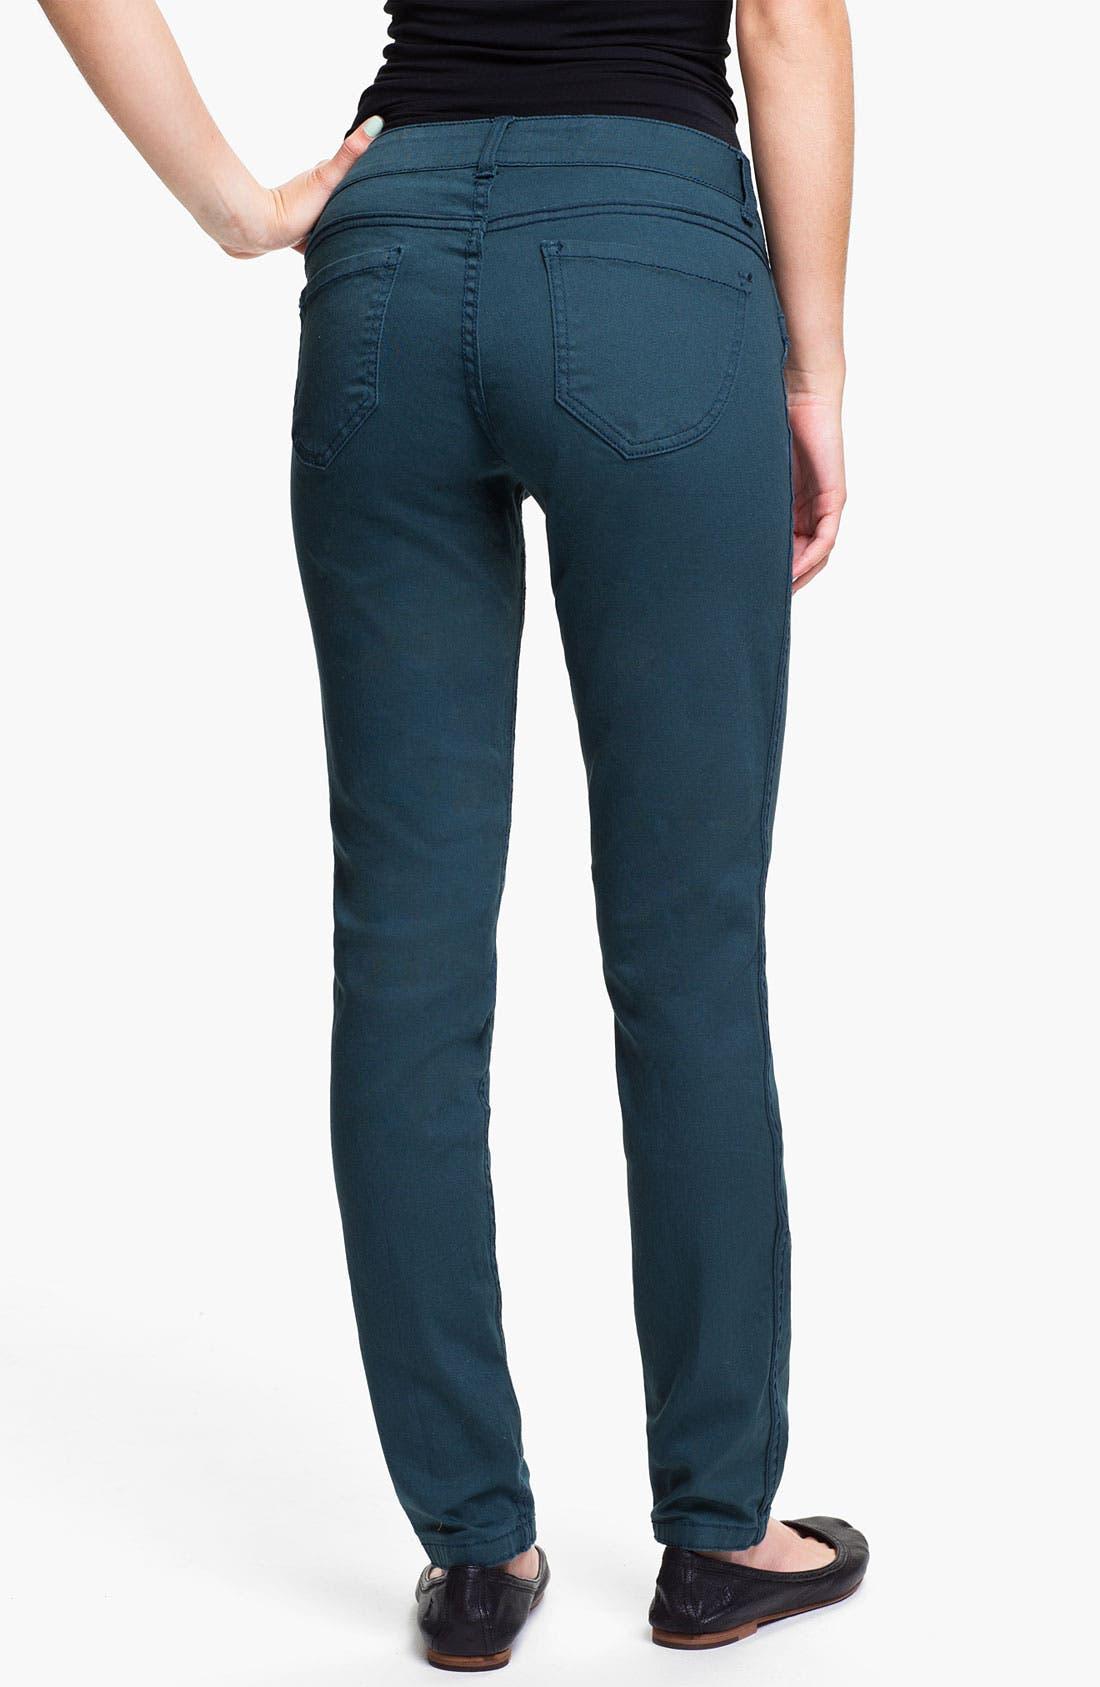 Alternate Image 1 Selected - Jolt Reversible Skinny Jeans (Juniors)